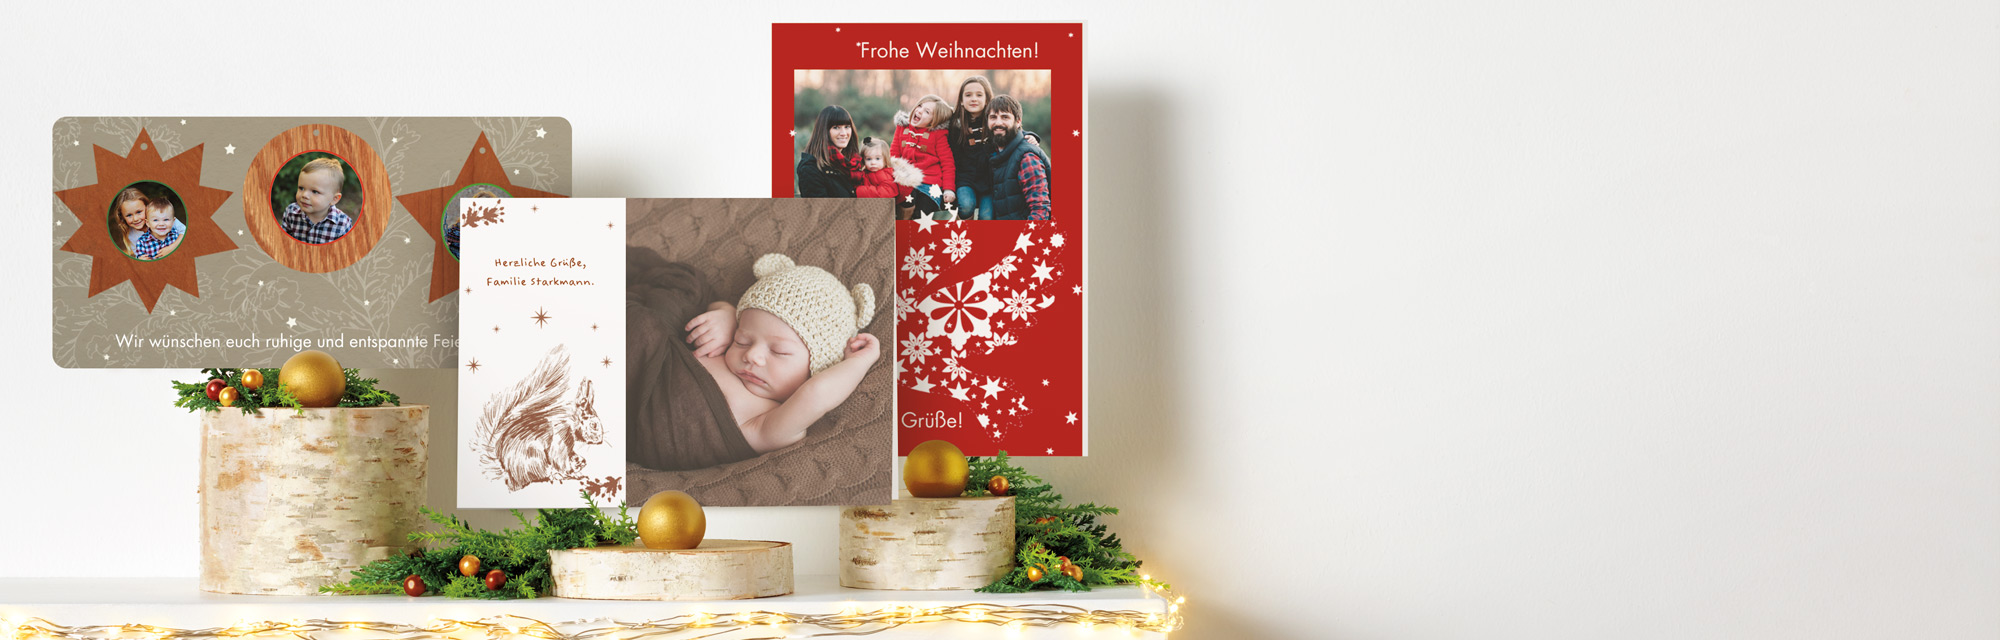 Weihnachtskarten Senden Kostenlos.Weihnachtskarten Mit Foto Die Bezaubern Jetzt Individuell Erstellen